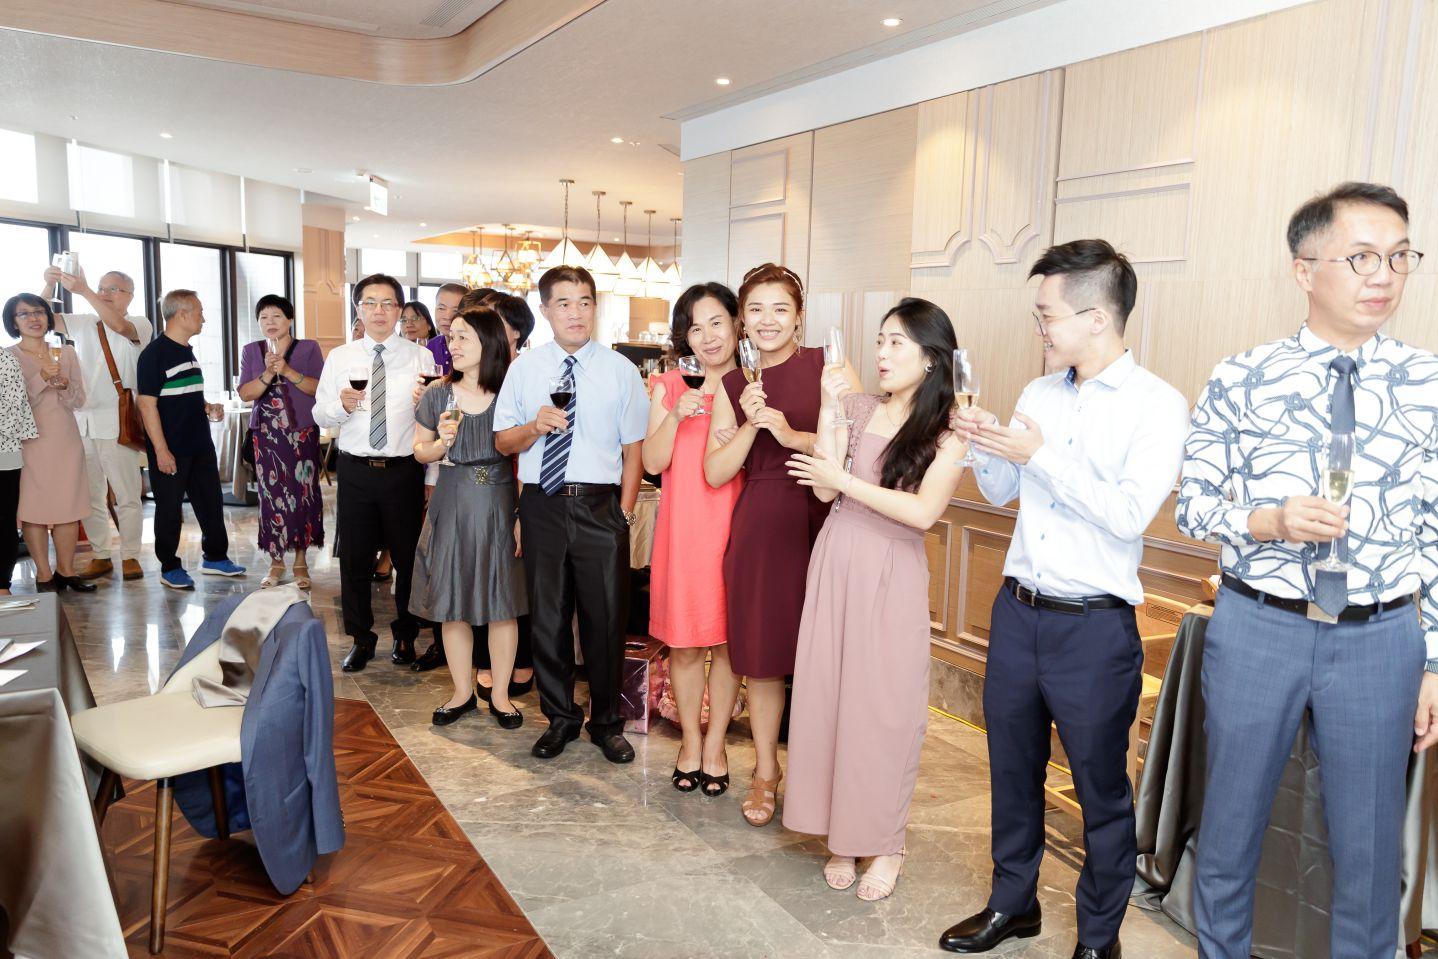 婚禮攝影-婚禮紀錄-Keith&Lia@村卻國際溫泉酒店-167